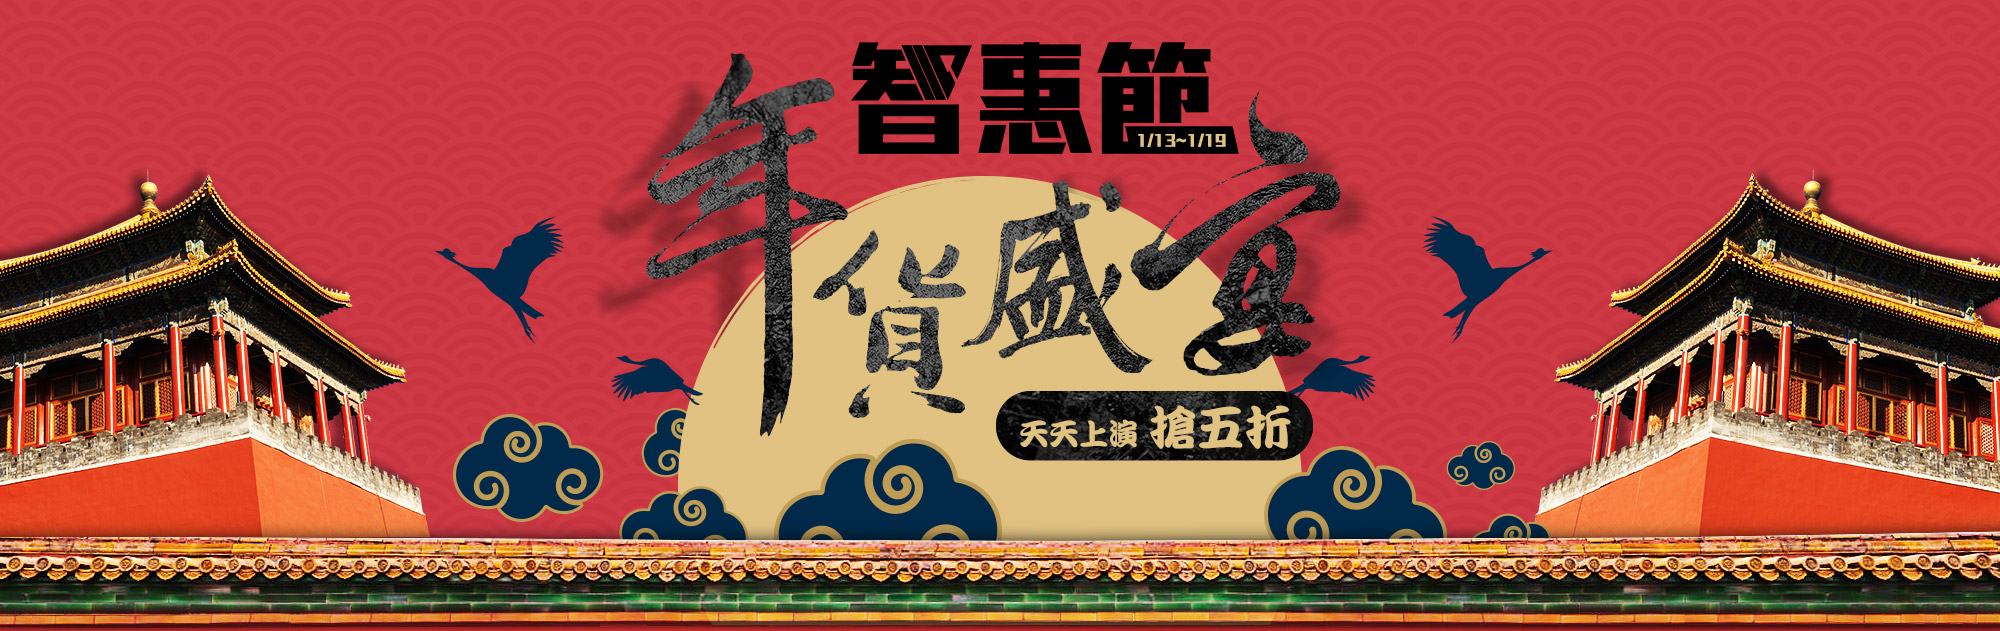 2020-1/13~1/19-智惠節-年貨盛宴